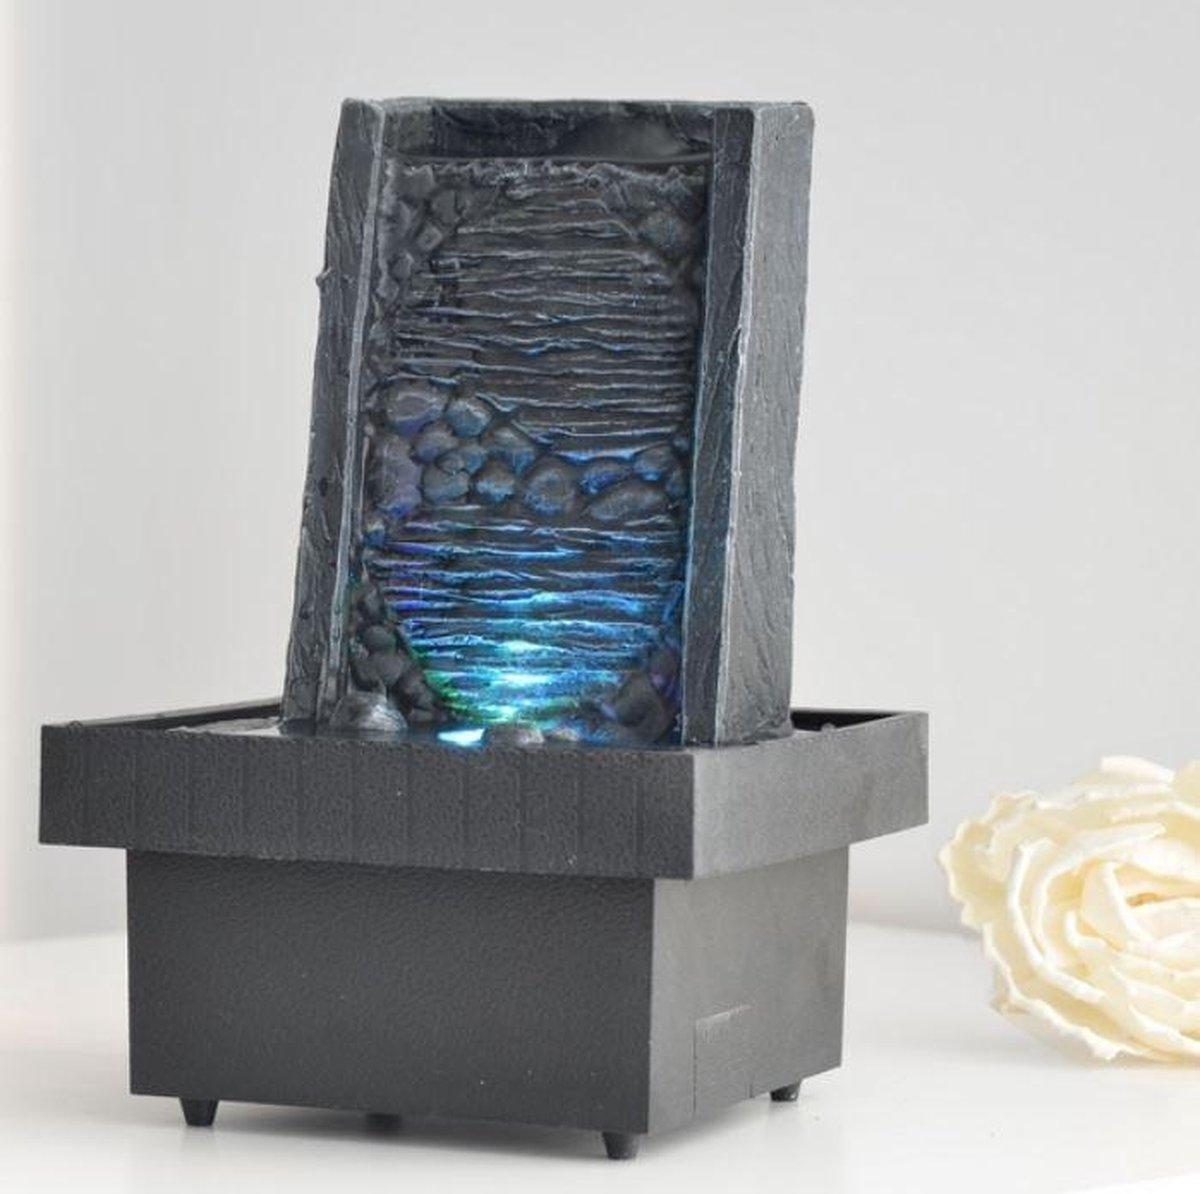 Eveil Zen - fontein -interieur - fontein voor binnen - relaxeer - zen - waterornament - cadeau - geschenk - relatiegeschenk - origineel - lente - zomer - lentecollectie - zomercollectie - afkoeling - koelte